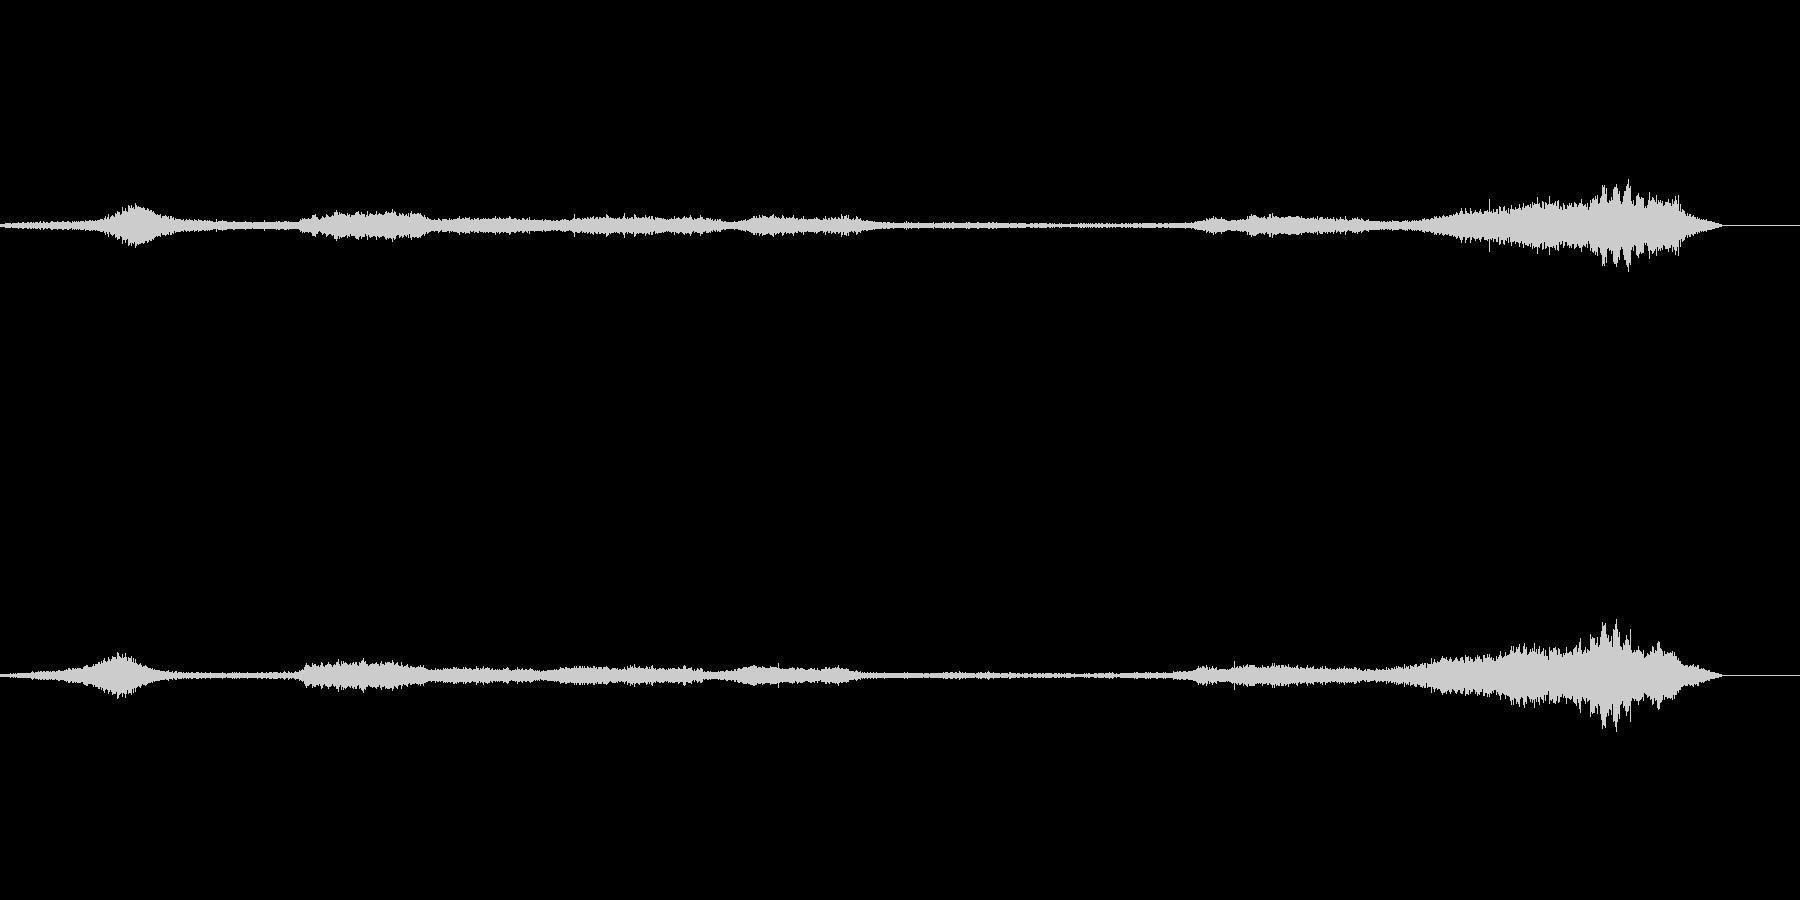 自転車レース、サポート車両; DI...の未再生の波形